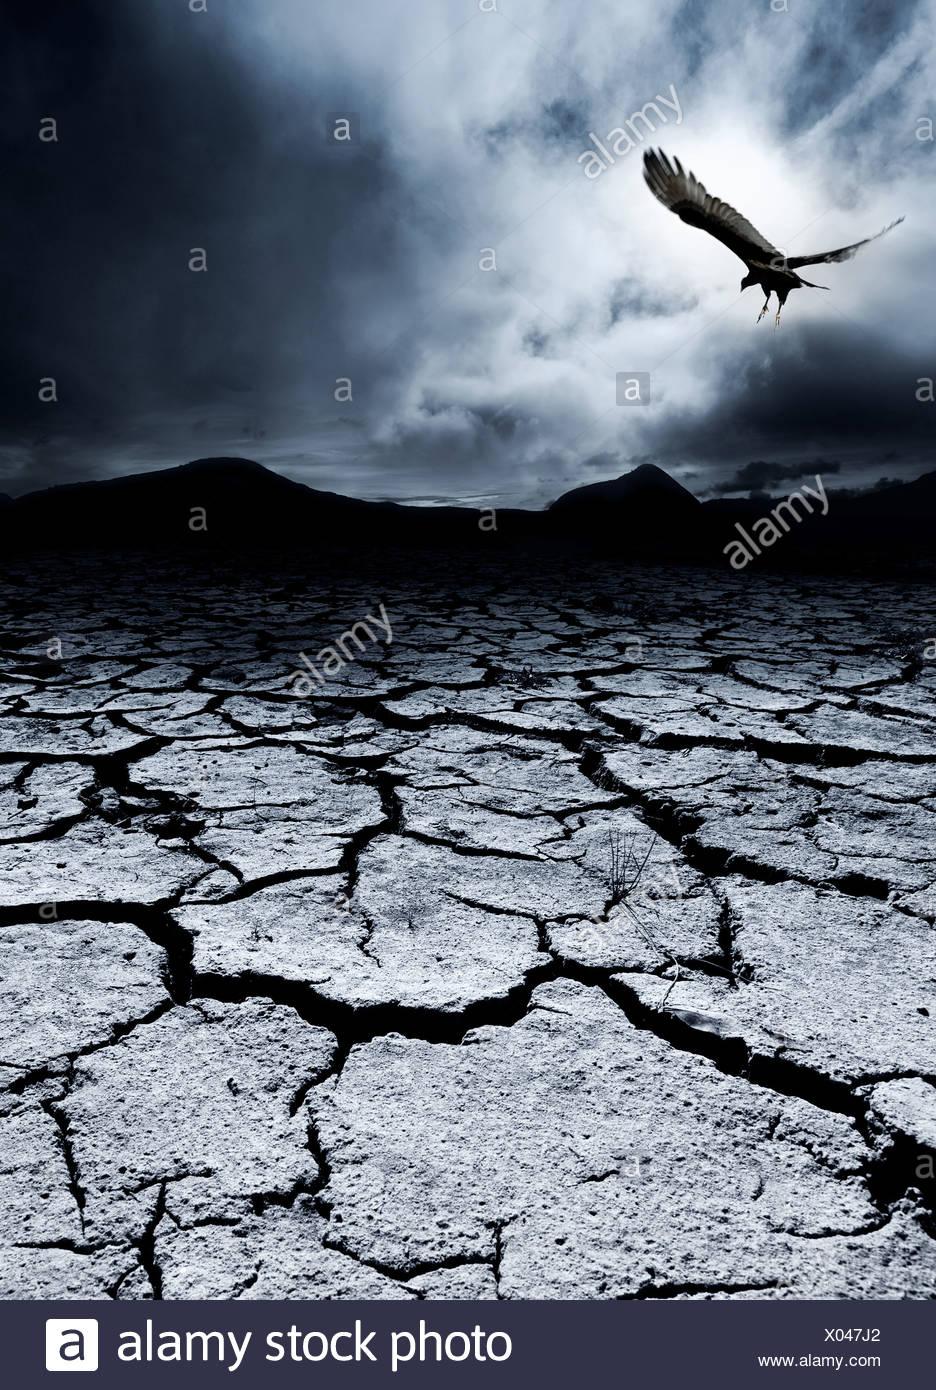 Ein Vogel fliegt über eine öde Landschaft Stockbild